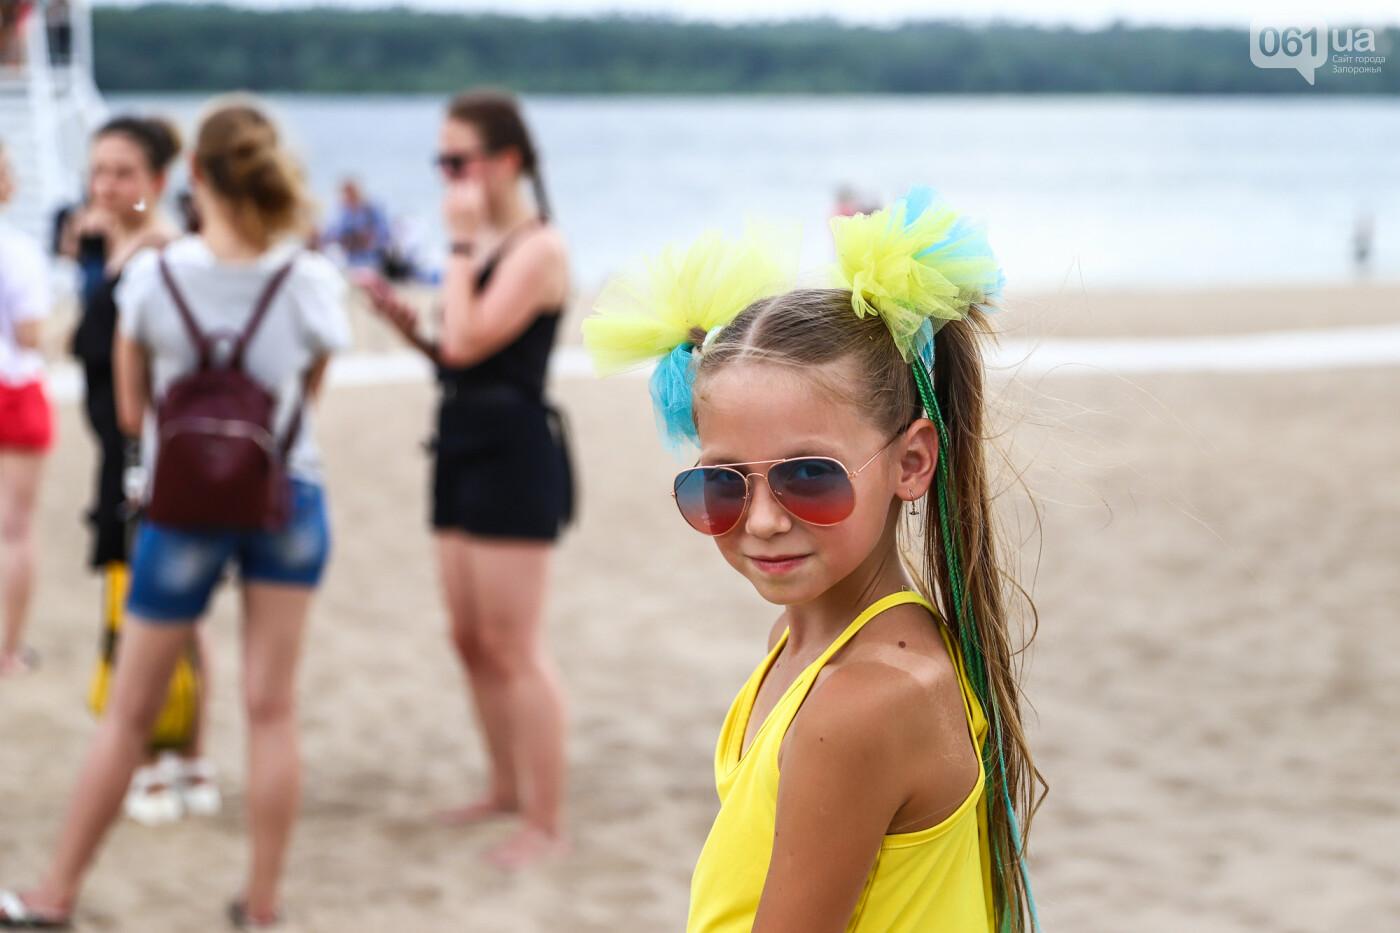 На пляже в Запорожье зажгли желто-синие дымовые шашки и установили рекорд Украины, - ФОТОРЕПОРТАЖ, фото-9